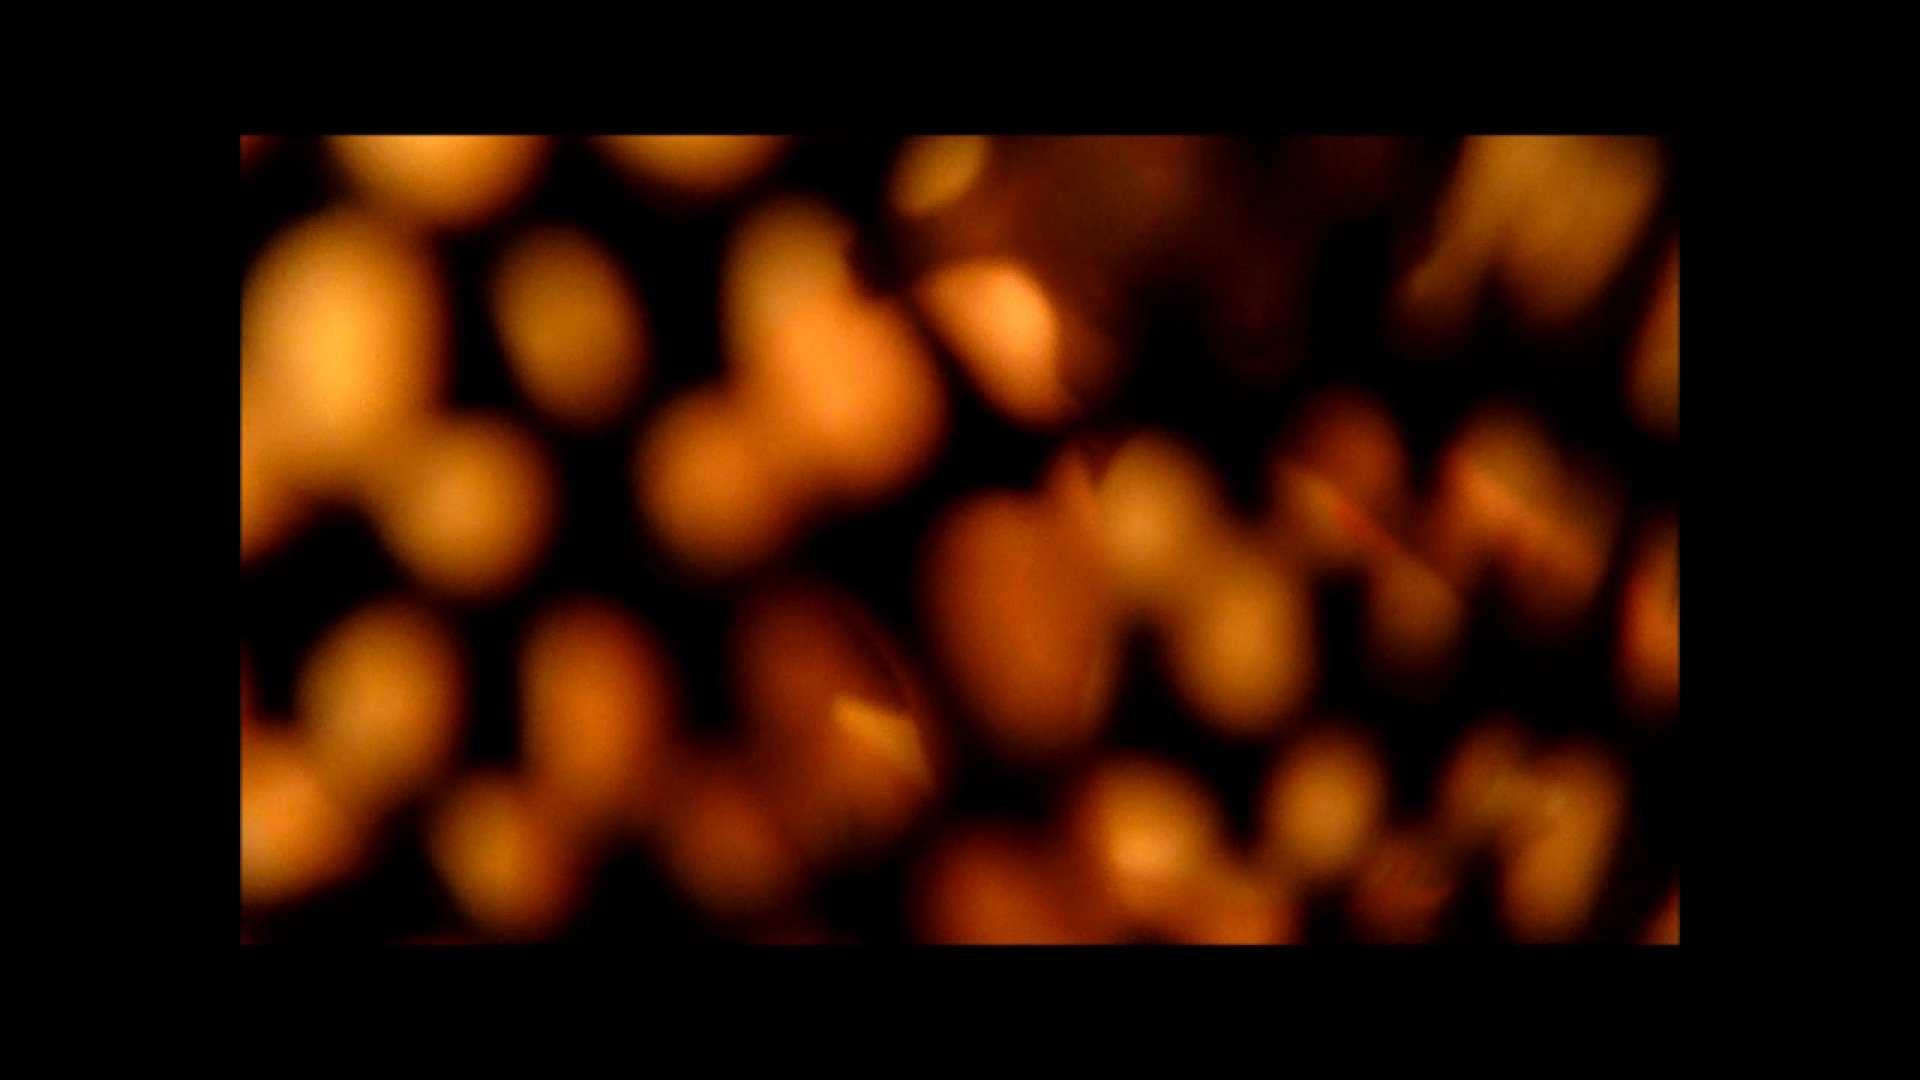 【02】ベランダに侵入して張り込みを始めて・・・やっと結果が出ました。 マンコ特集 | オマンコ丸見え  25連発 10